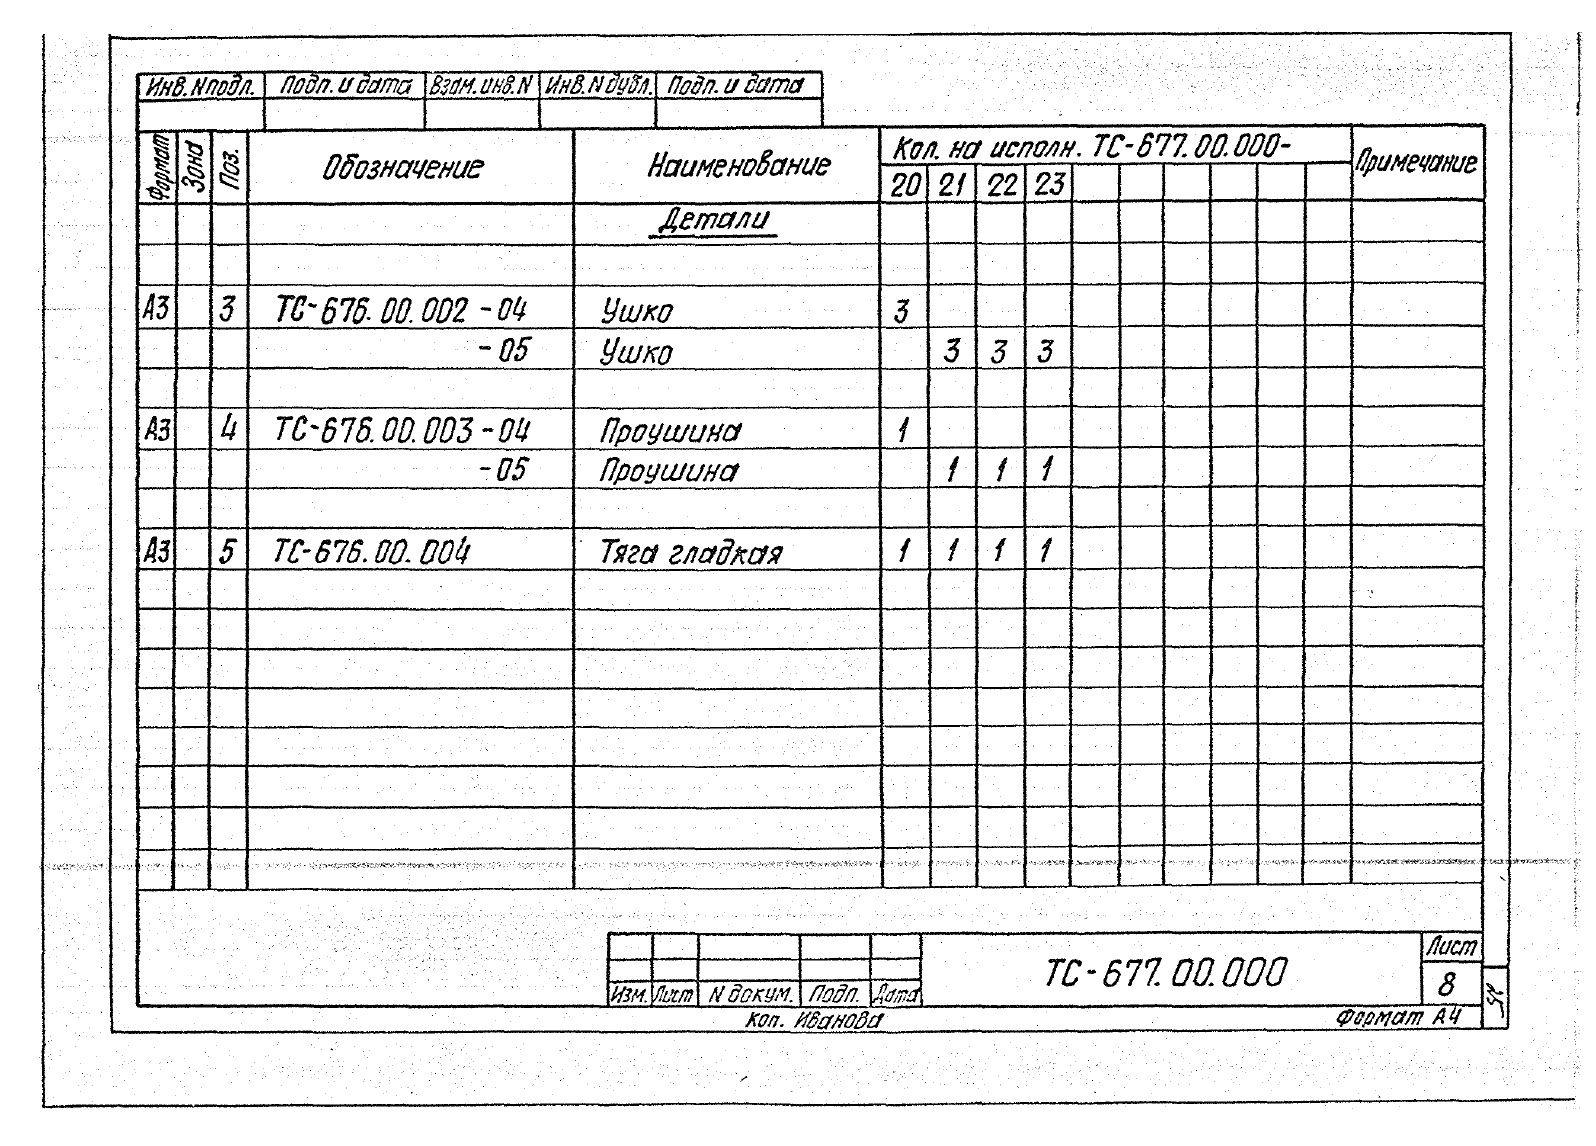 Подвески жесткие Дн 57-530 ТС-677 с.5.903-13 вып.6-95 стр.10